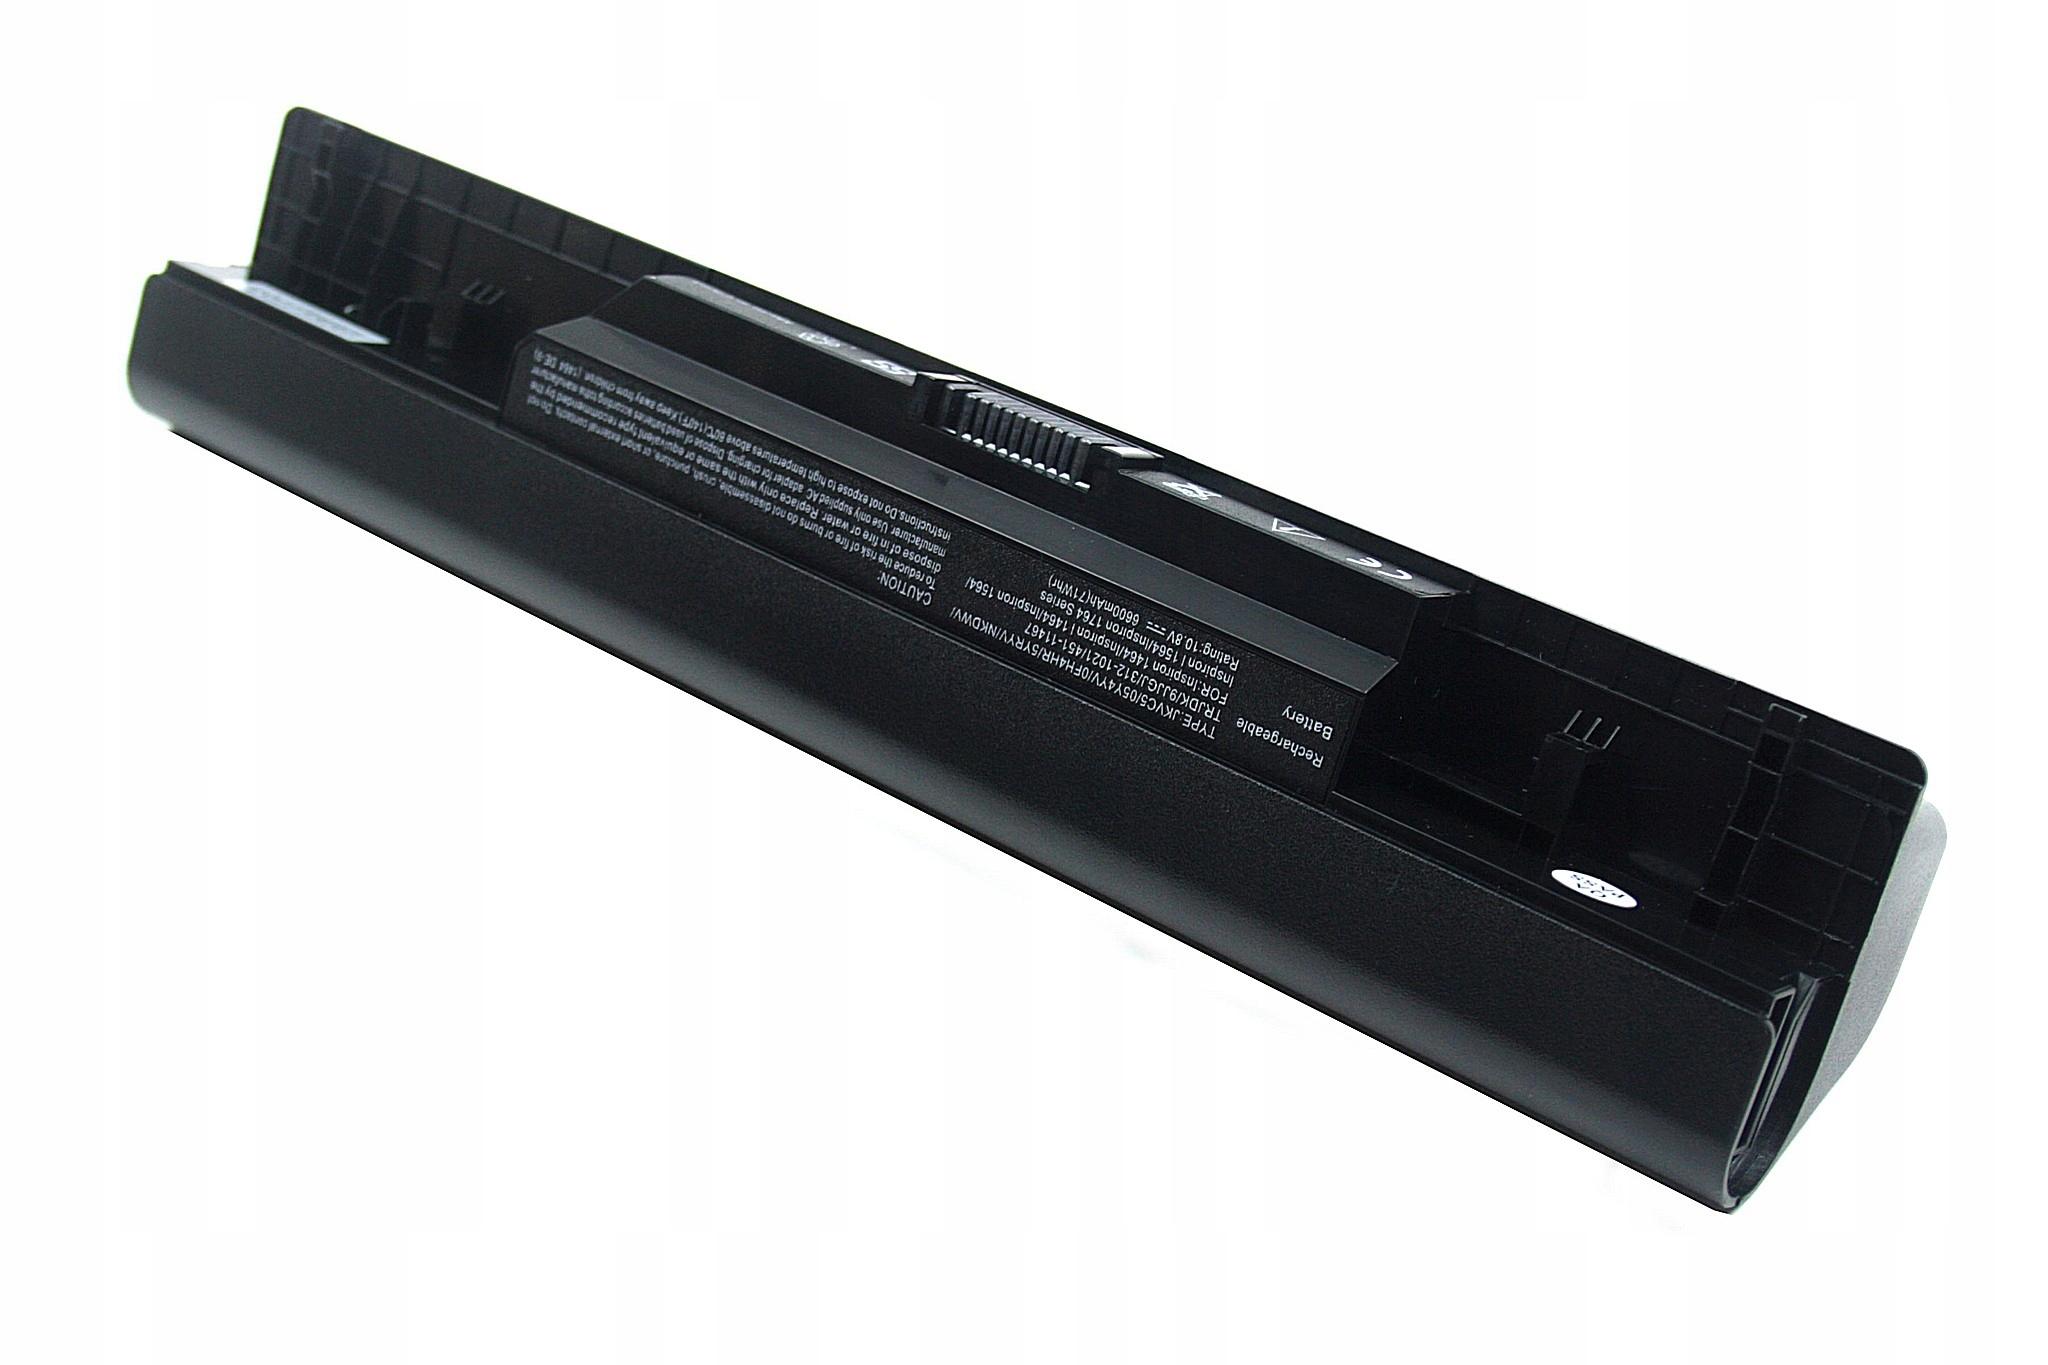 BATERIA AKUMULATOR DELL JKVC5 NKDWV INSPIRON 1464 1564 1764 - Baterie do laptopów